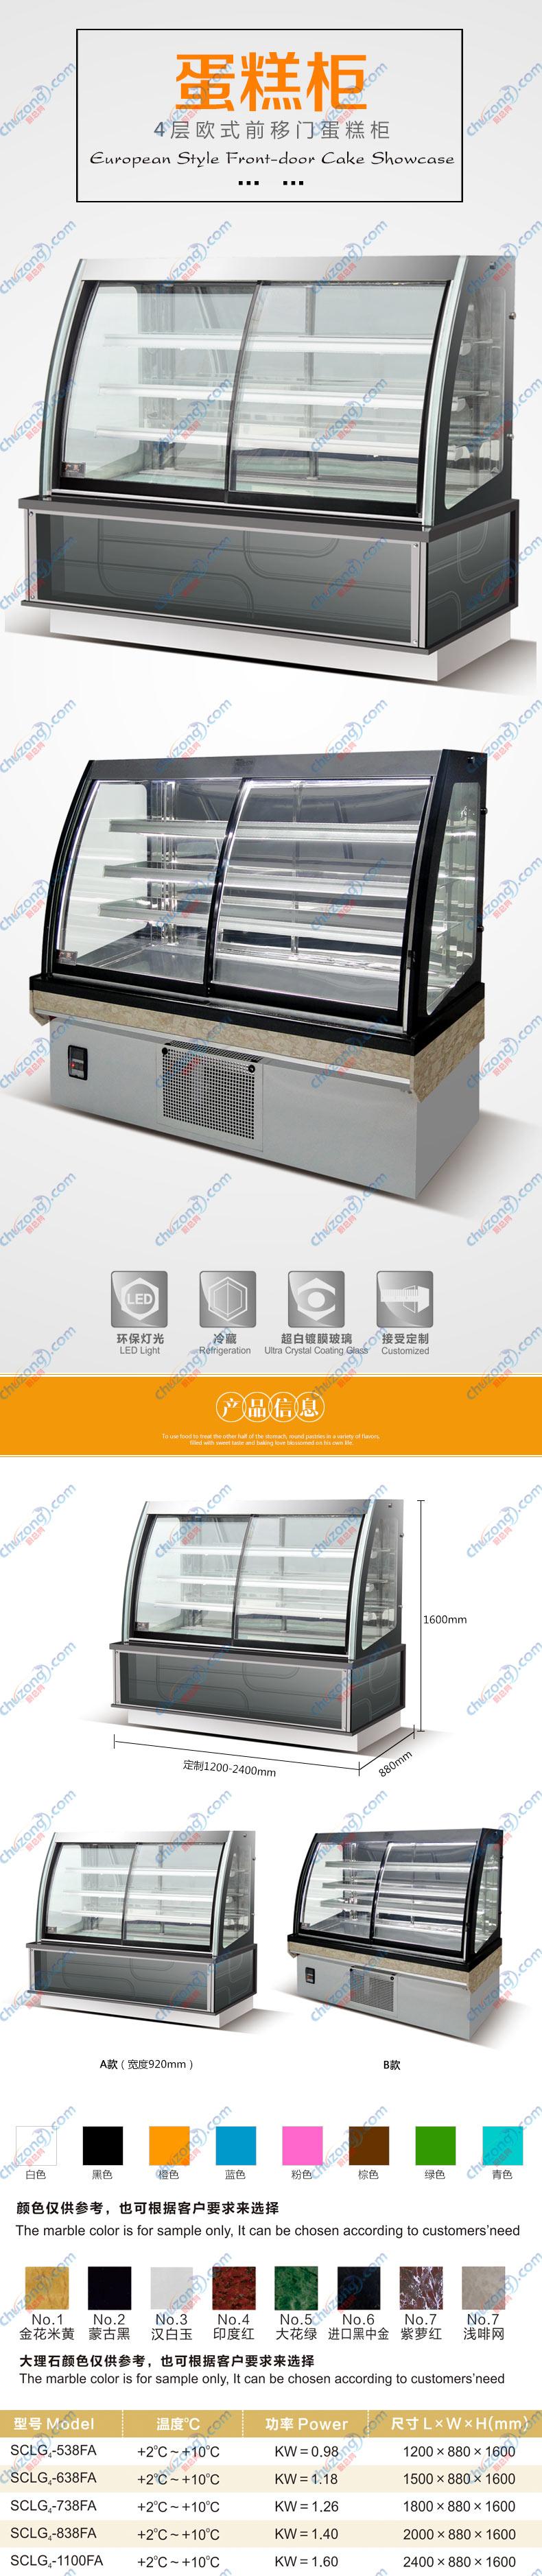 广菱冷蛋糕柜图片